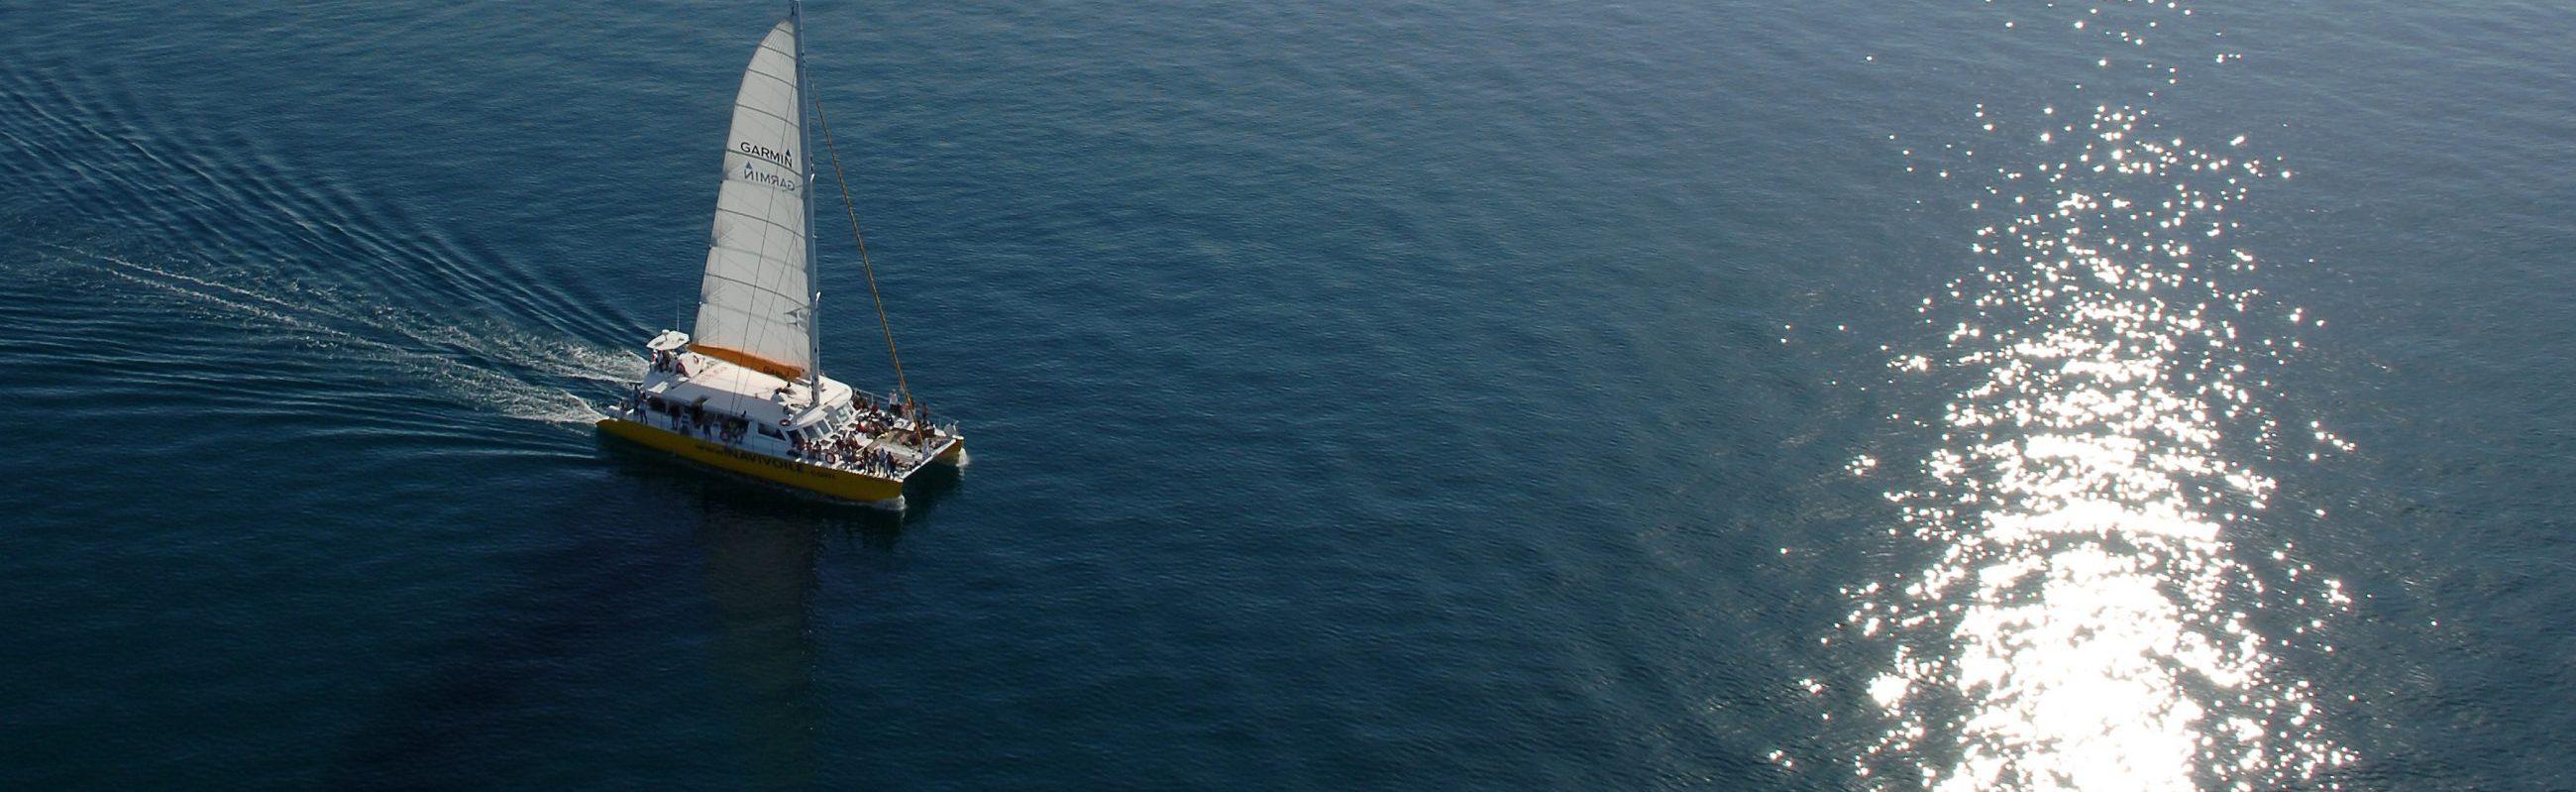 catamaran navivoile excursion en bateau au depart de canet en roussillon ou port vendres